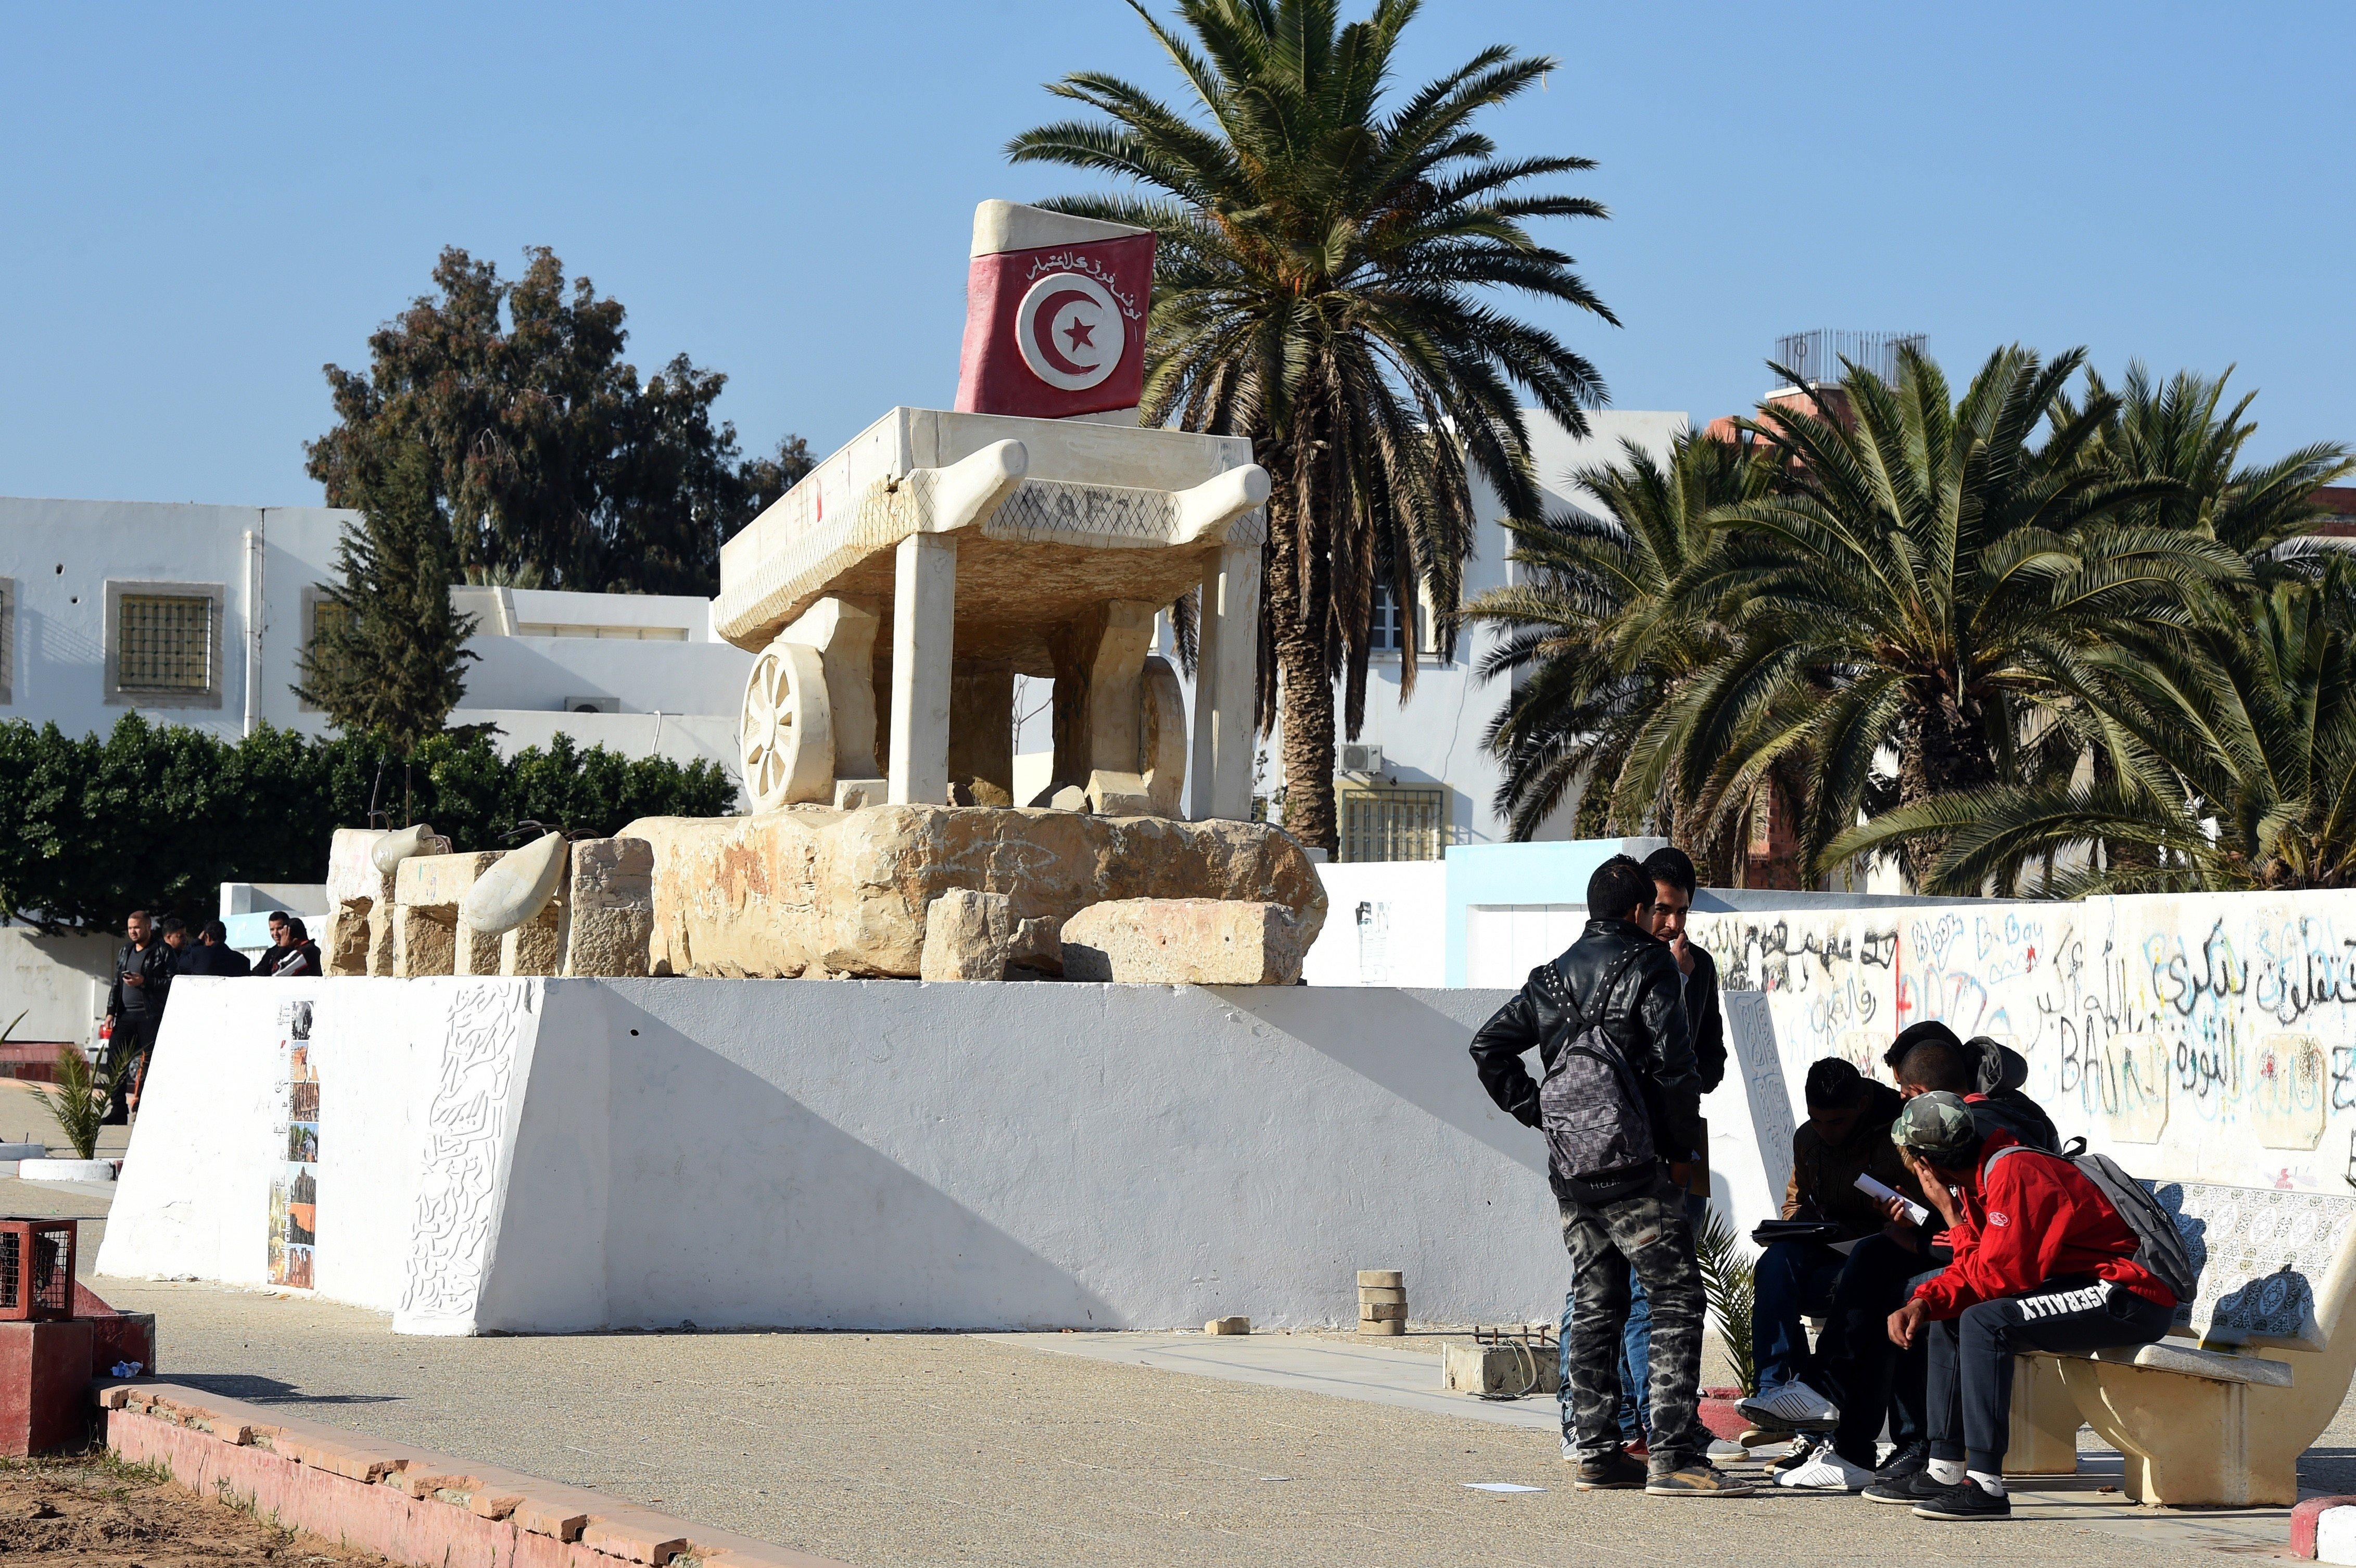 Lieu de départ de la révolution, huit ans après, rien n'a changé à Sidi